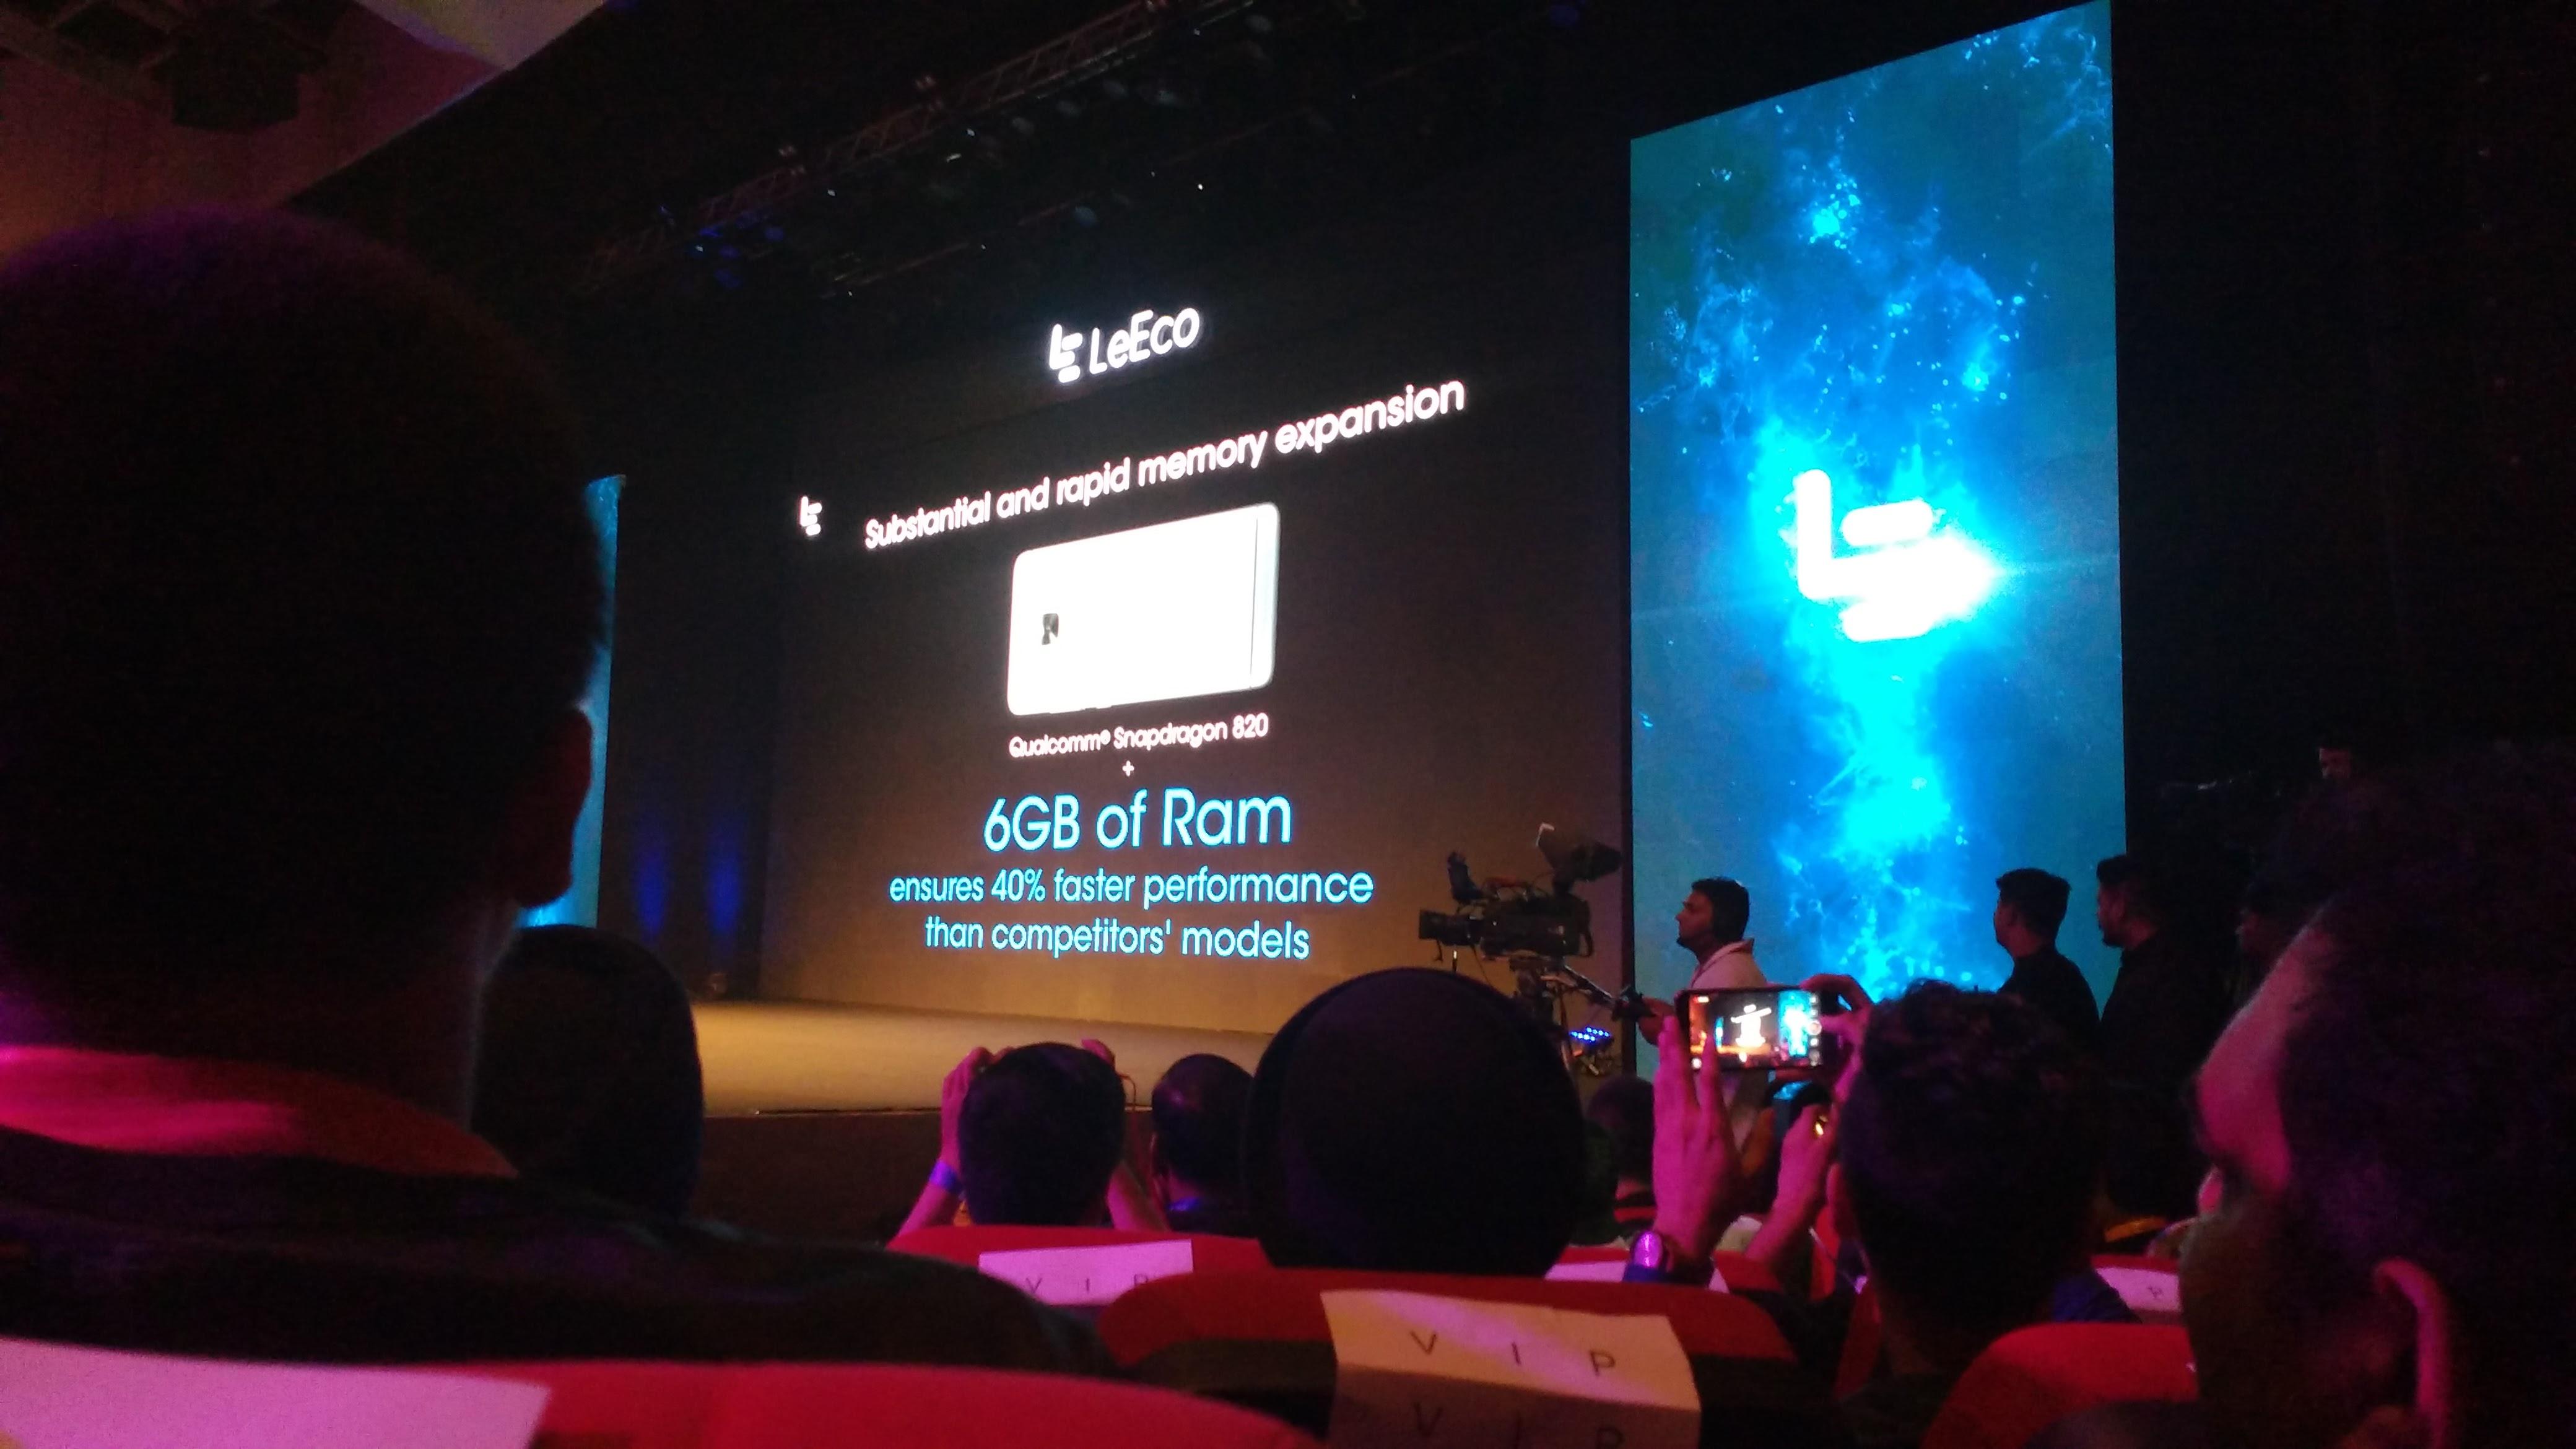 LeEco Delhi Event